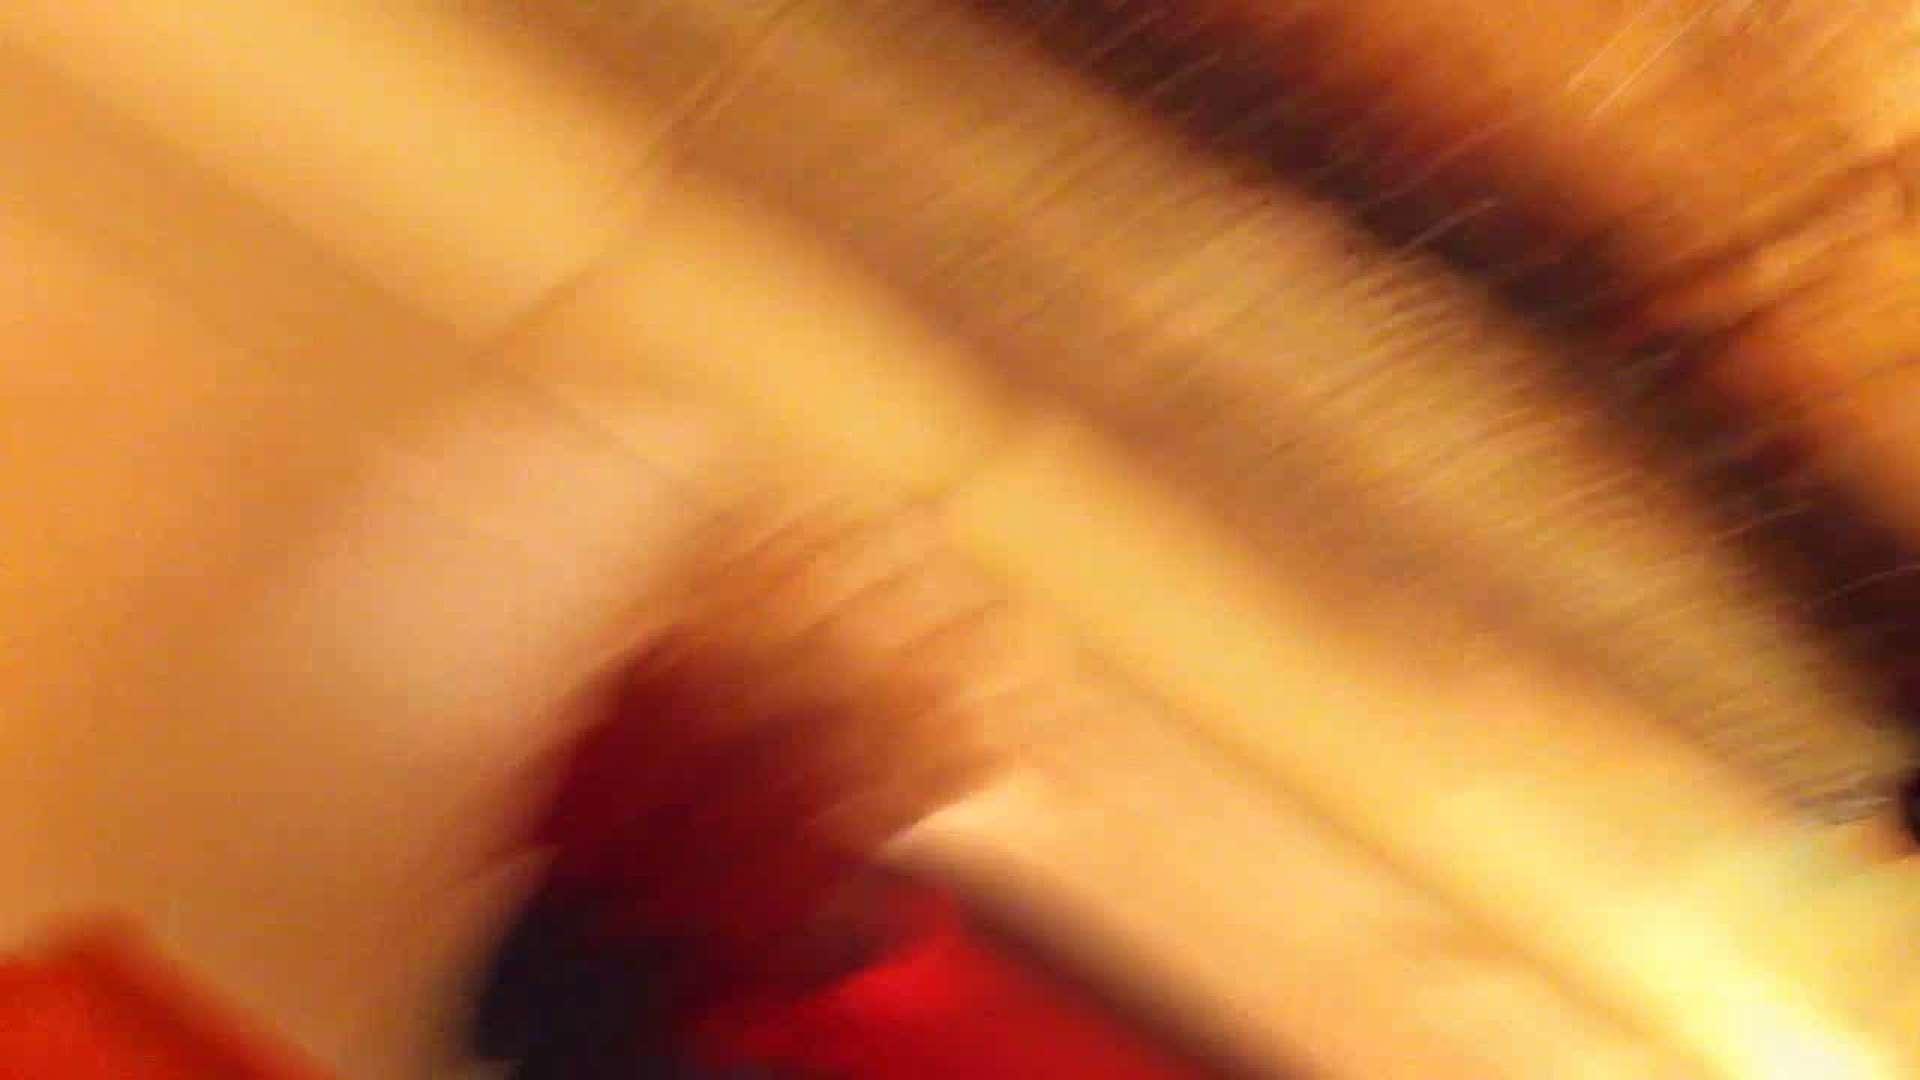 フルHD ショップ店員千人斬り! 大画面ノーカット完全版 vol.82 OLエロ画像 | 胸チラ  32PICs 1